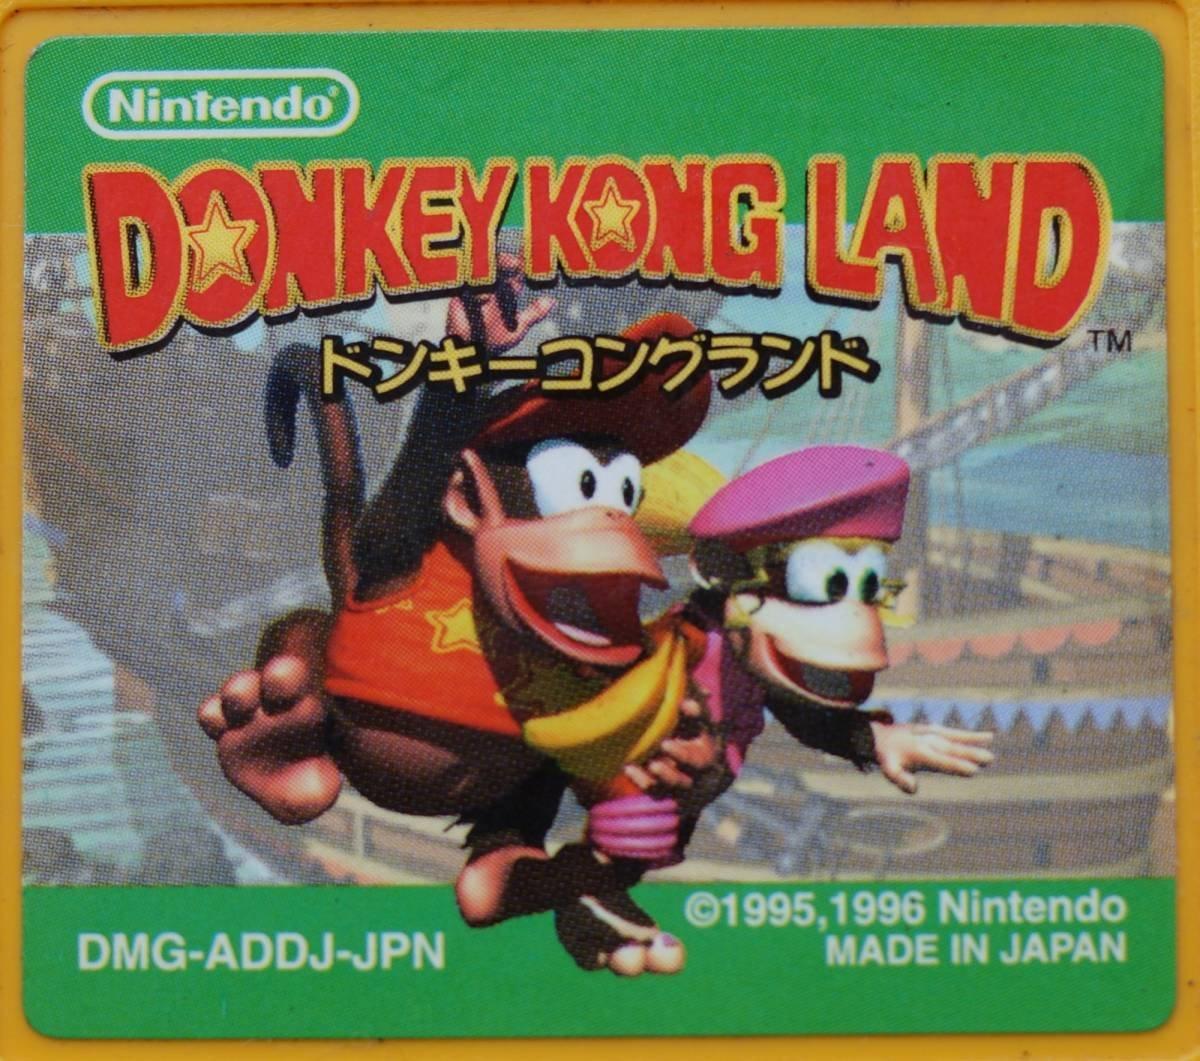 ゲームボーイ カートリッジ : DONKEY KONG LAND ( ドンキーコングランド ) DMG-ADDJ